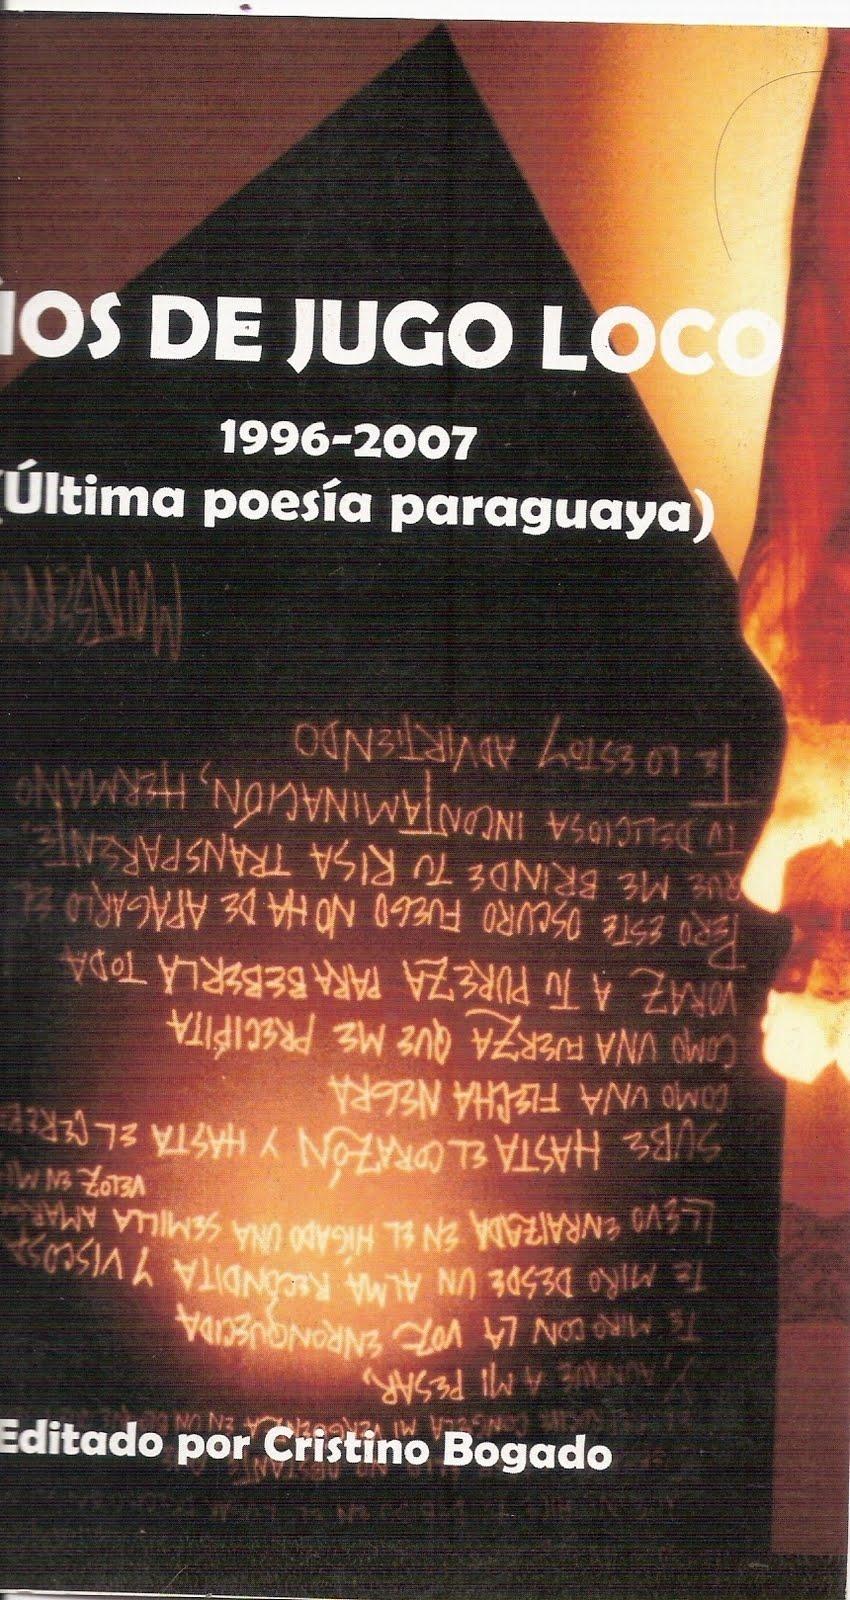 Años de Jugo Loco.Última poesía paraguaya (1996-2007)